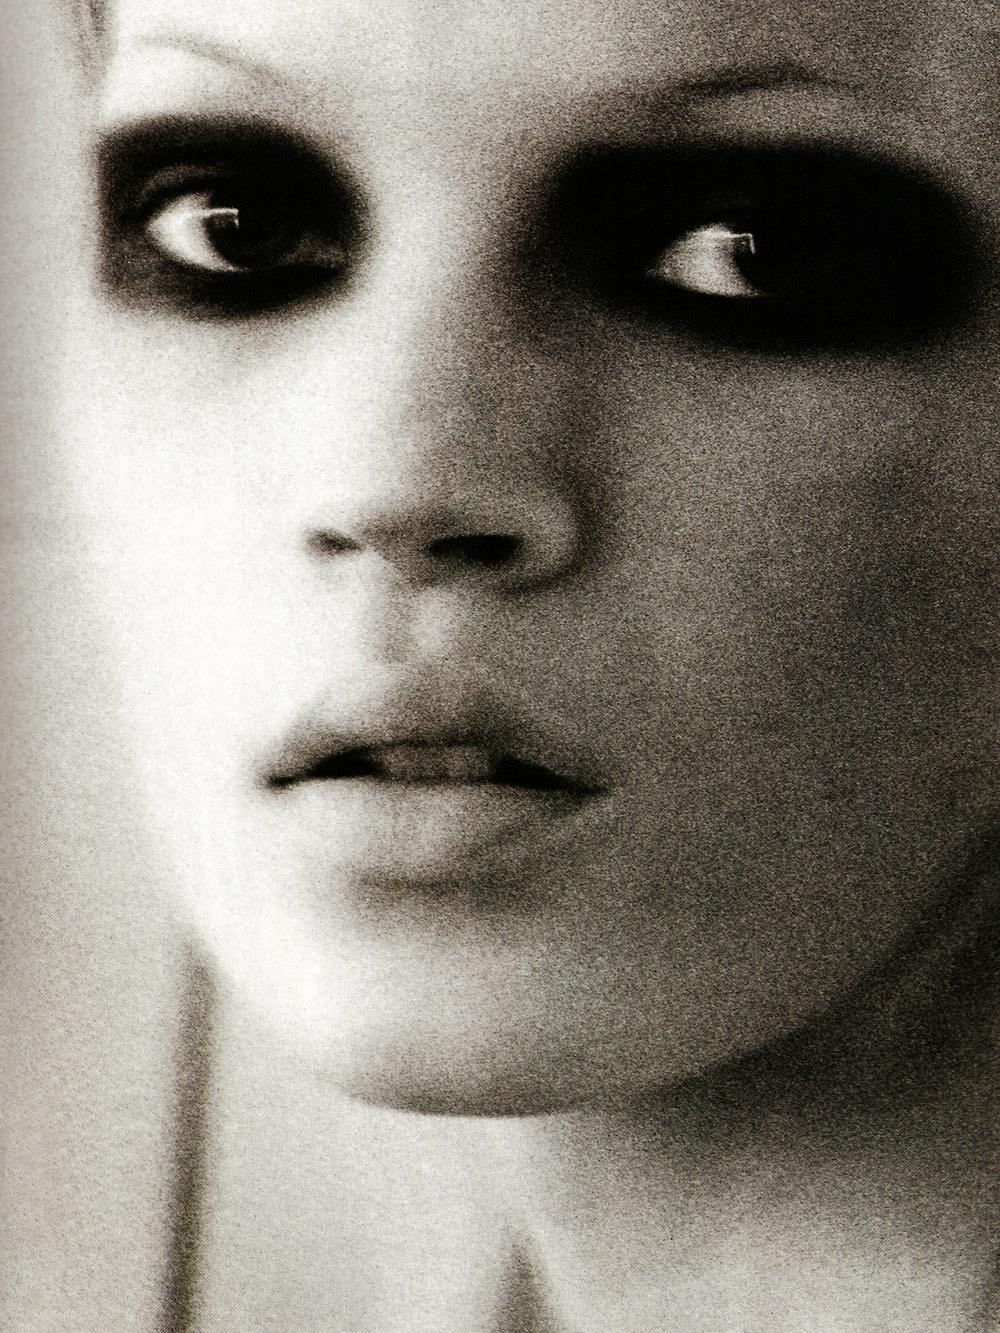 Kate_Moss-Steven_Klein-01.jpeg